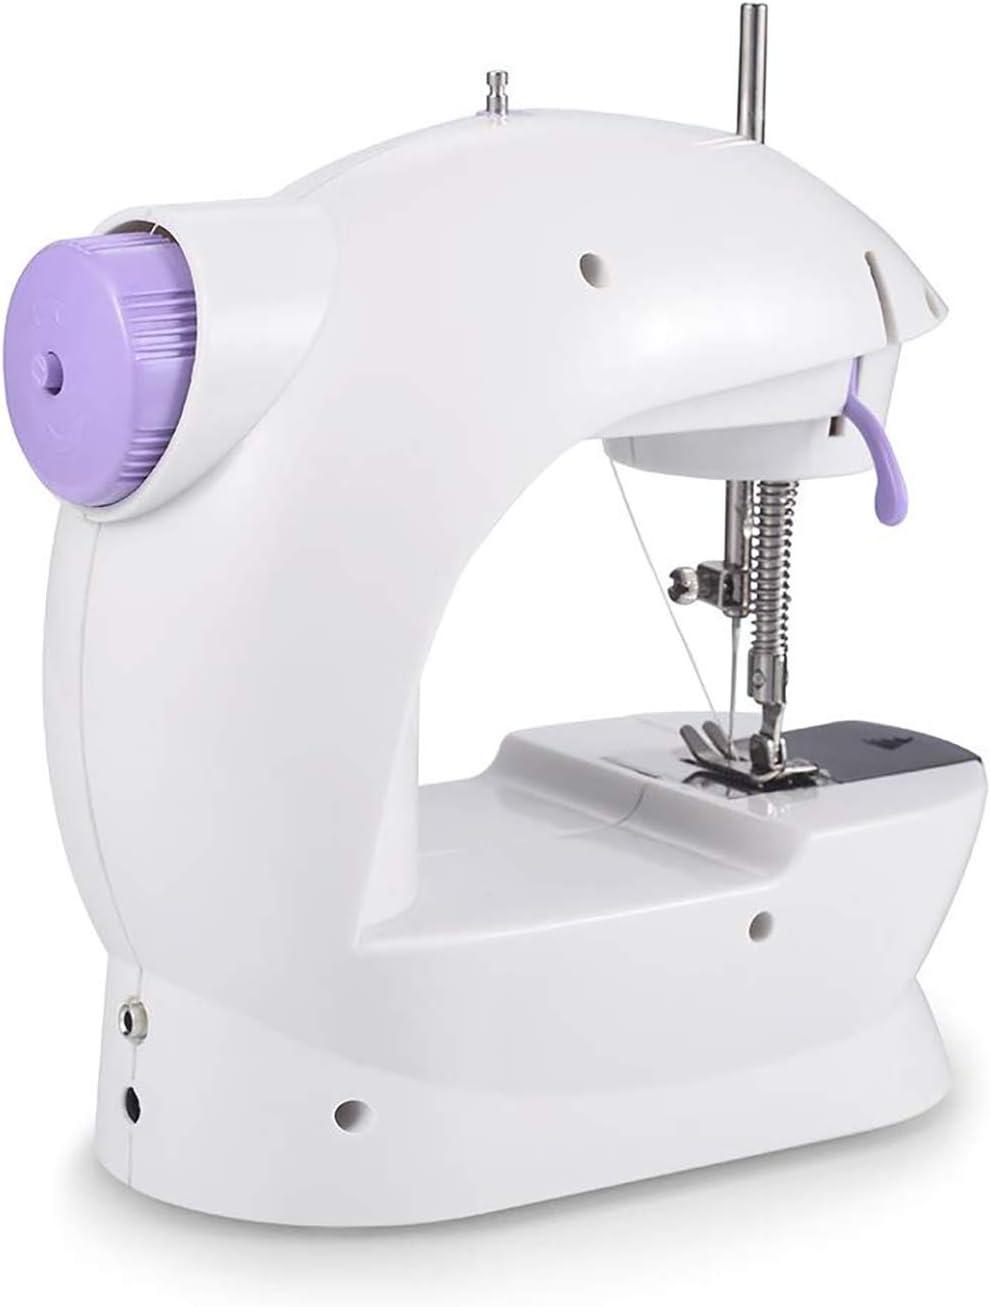 Máquina de coser con luz, pedal de velocidad ajustable, mini ...